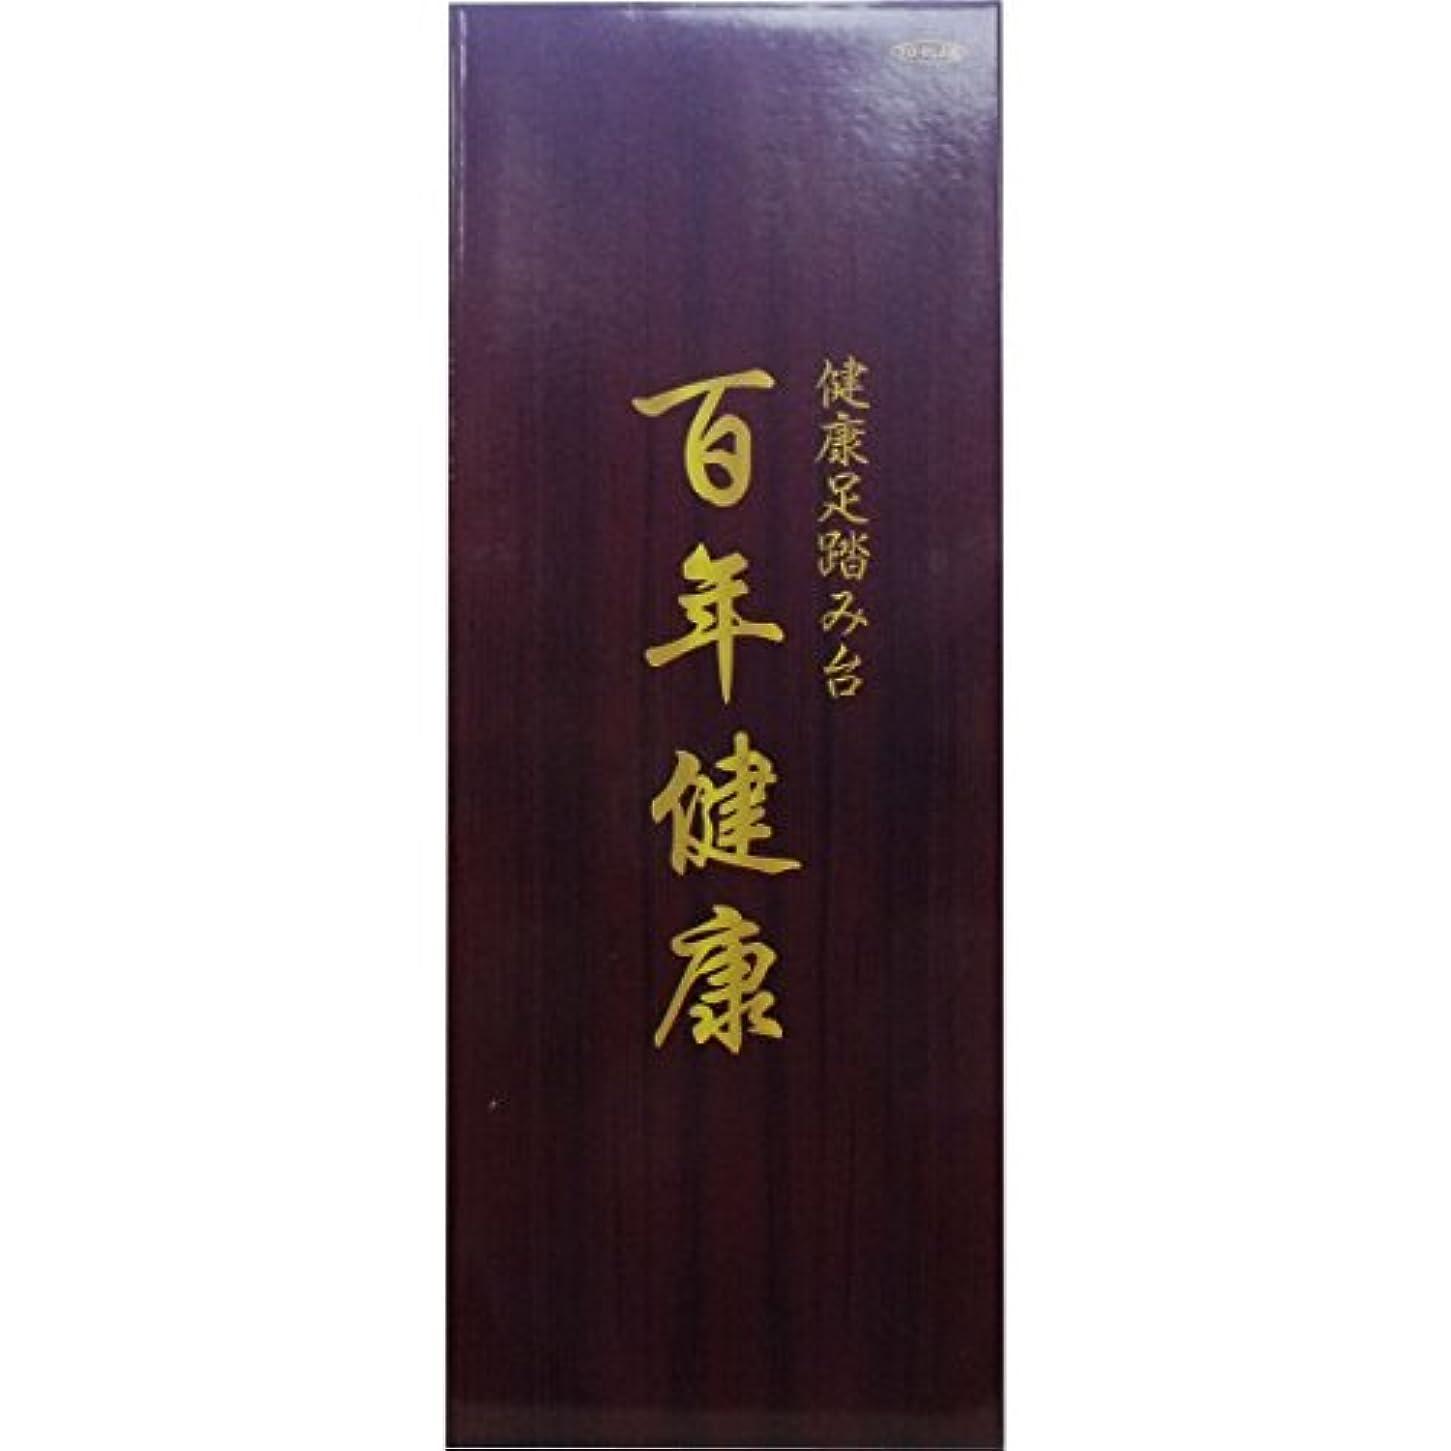 パッド活性化超える【お徳用 2 セット】 健康足踏み台 百年健康×2セット